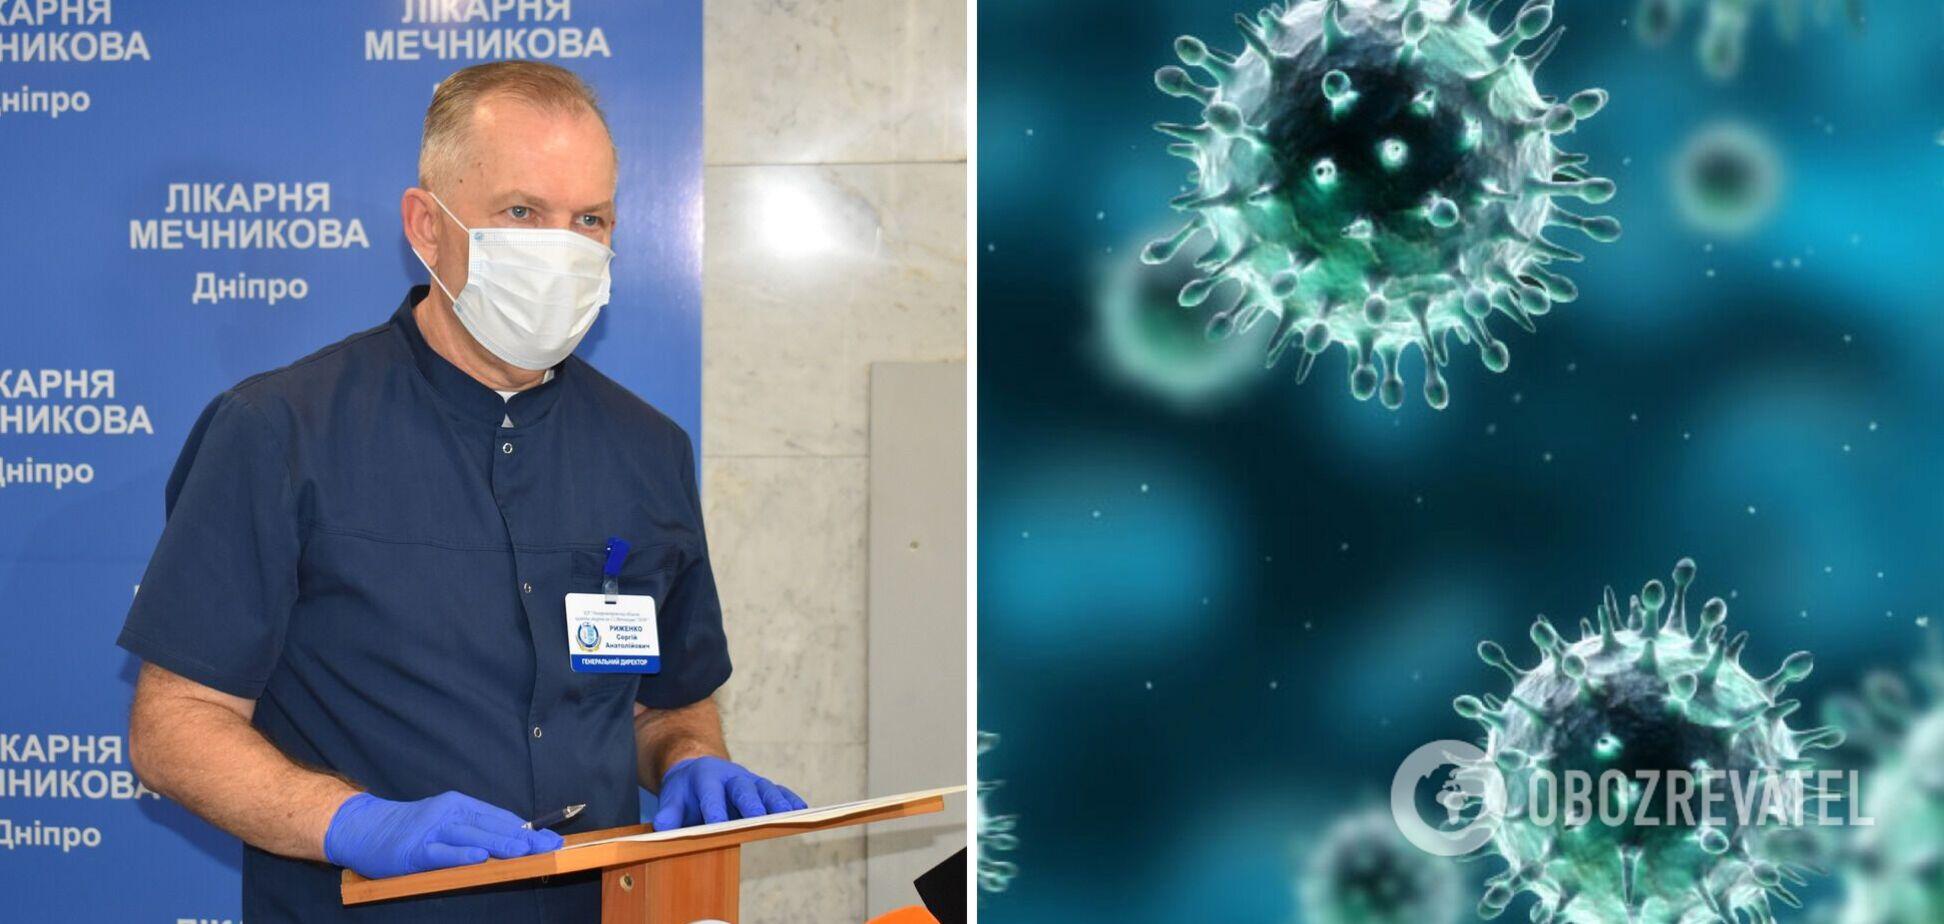 Головлікар лікарні в Дніпрі назвав незвичайні симптоми COVID-19: всесвітня втома, підгоряють мізки